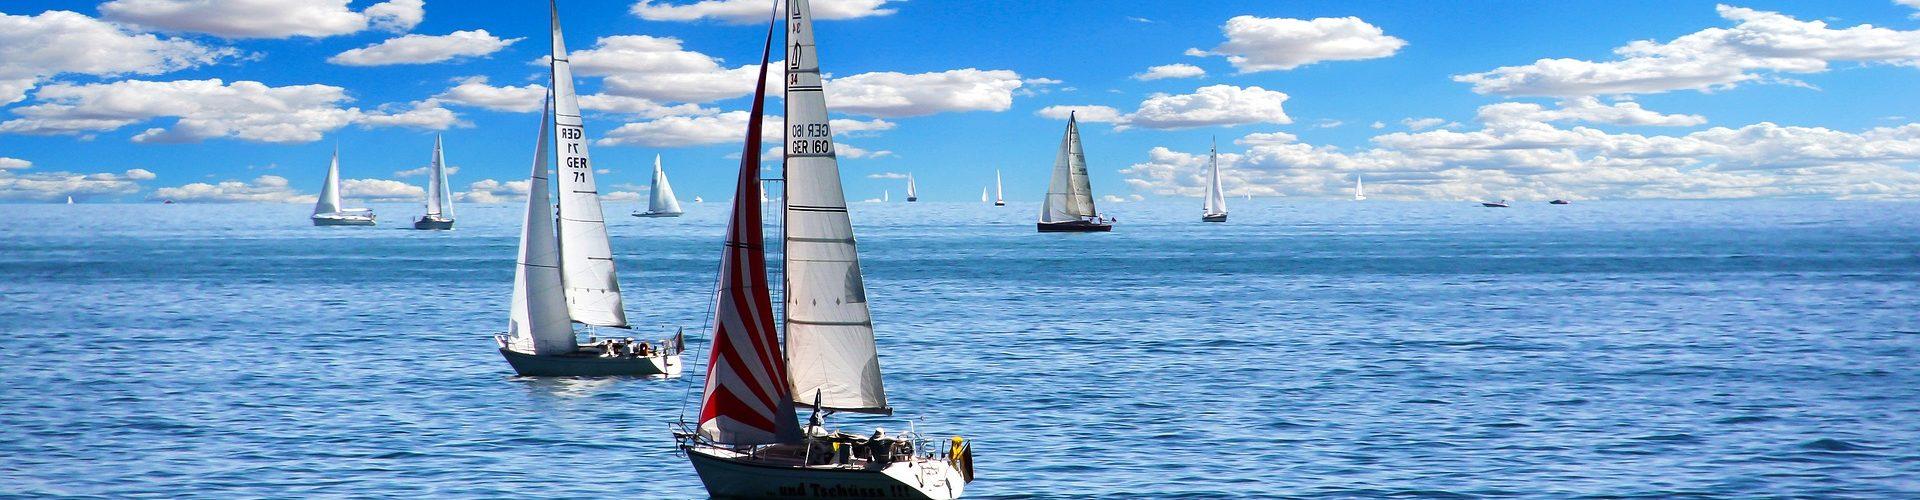 segeln lernen in Malente segelschein machen in Malente 1920x500 - Segeln lernen in Malente